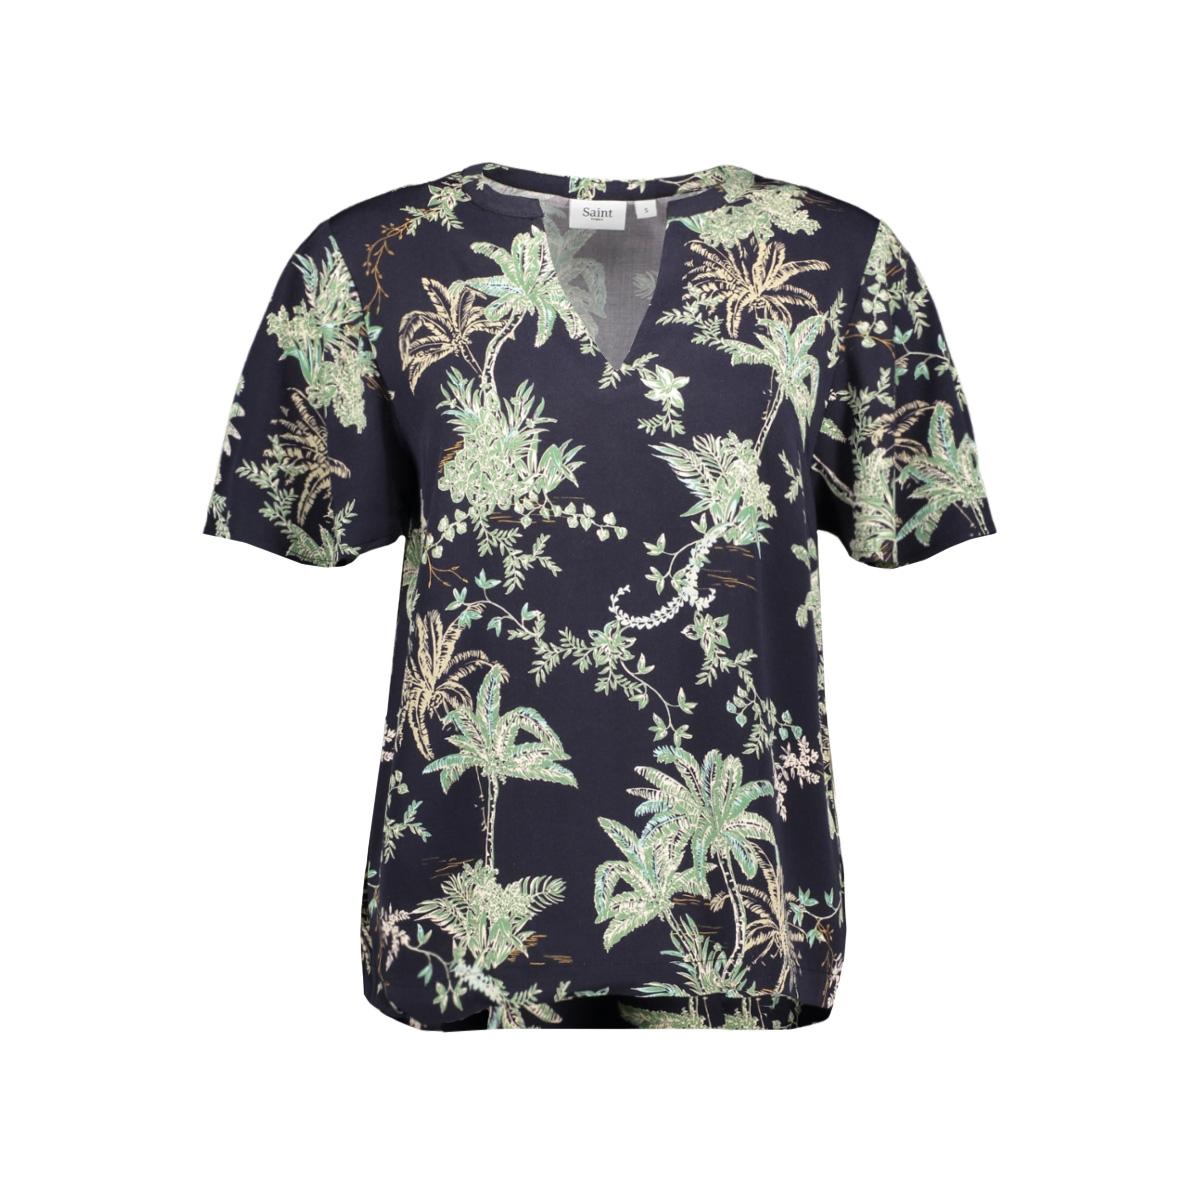 adasz ss blouse 30510098 saint tropez t-shirt 600122 blue summer pal